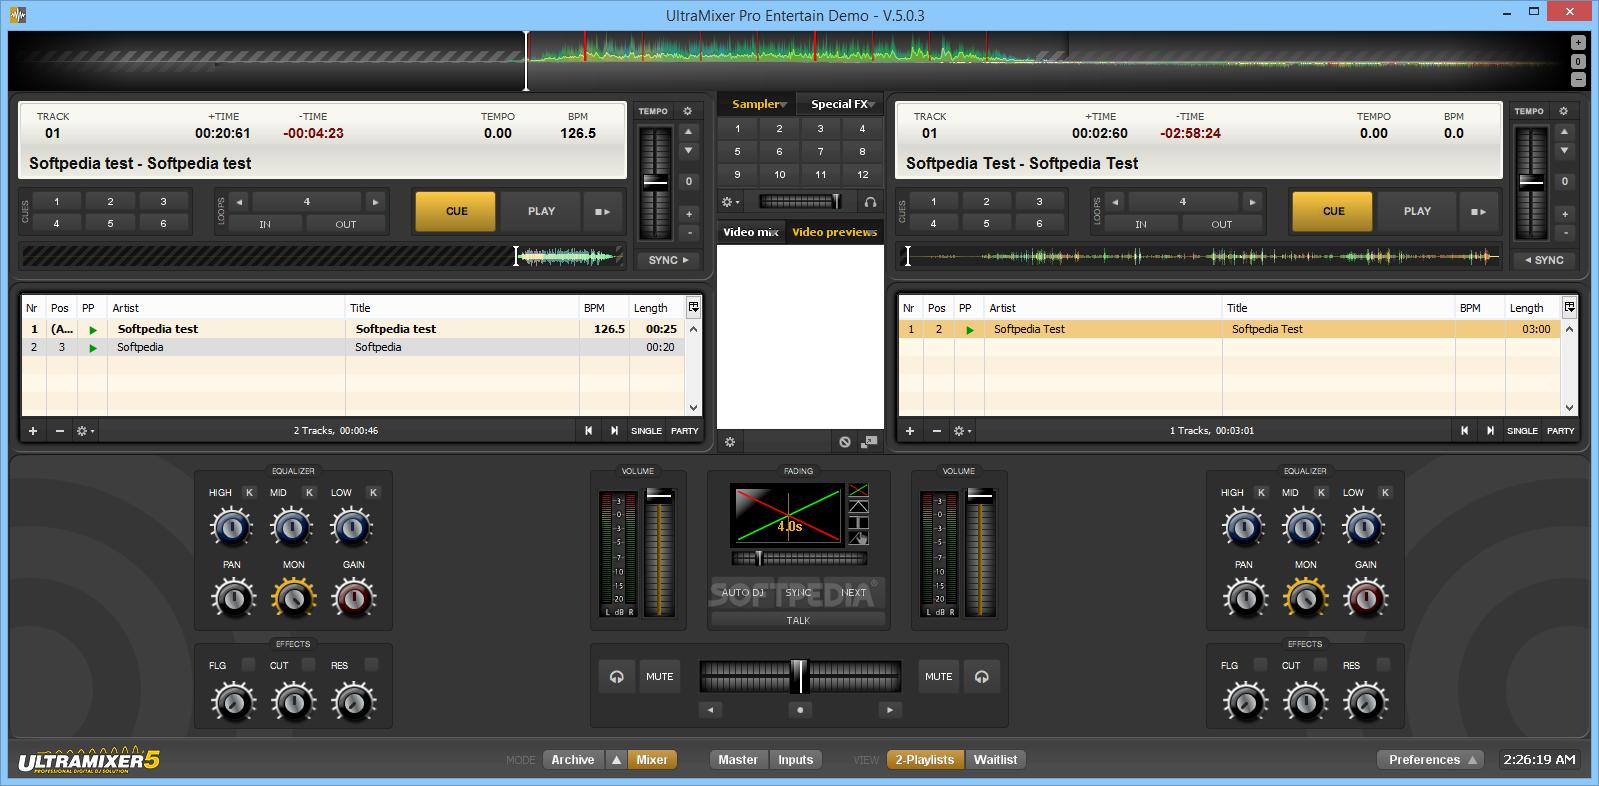 UltraMixer 6.0.8